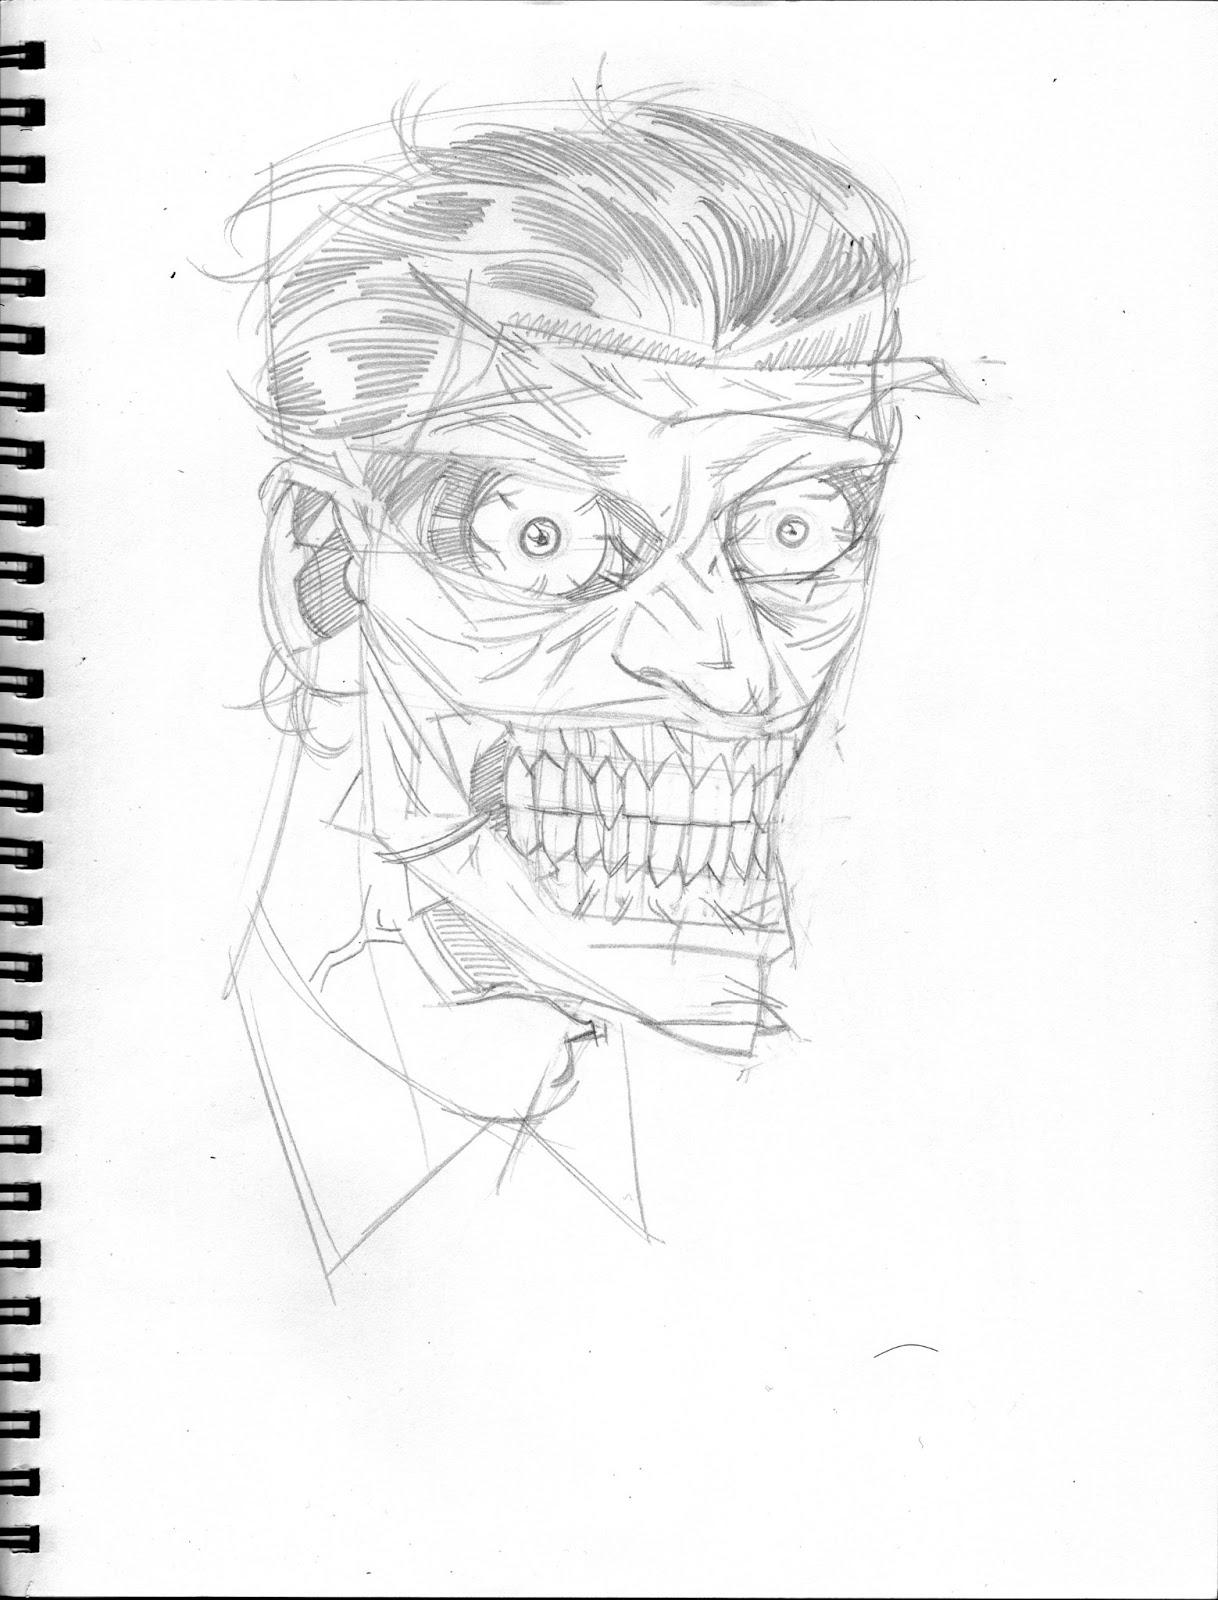 joker face drawing picture art tattoo recherche google clown